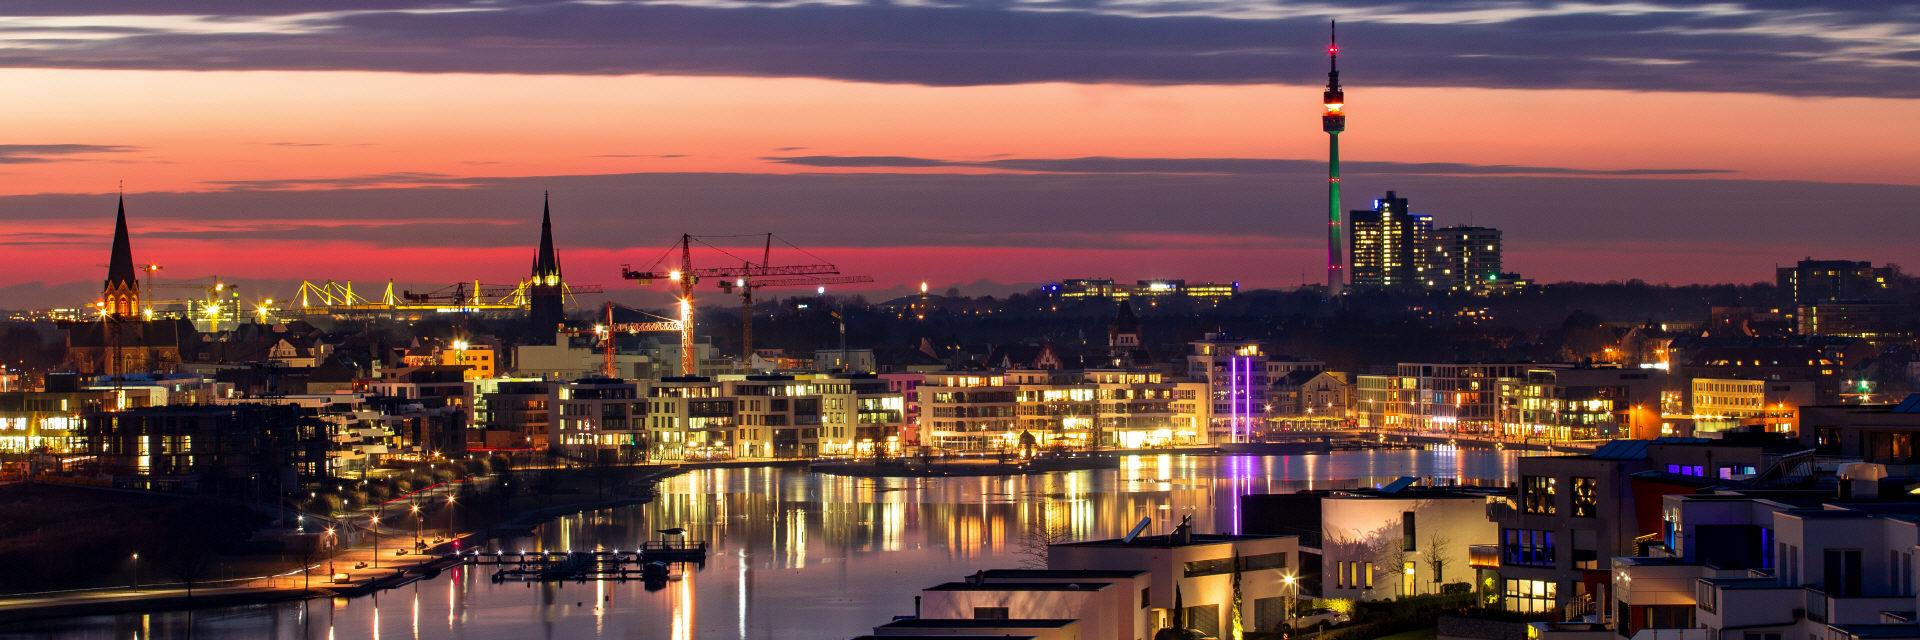 Frank Mach Buchhaltungsservice Controlling In Dortmund